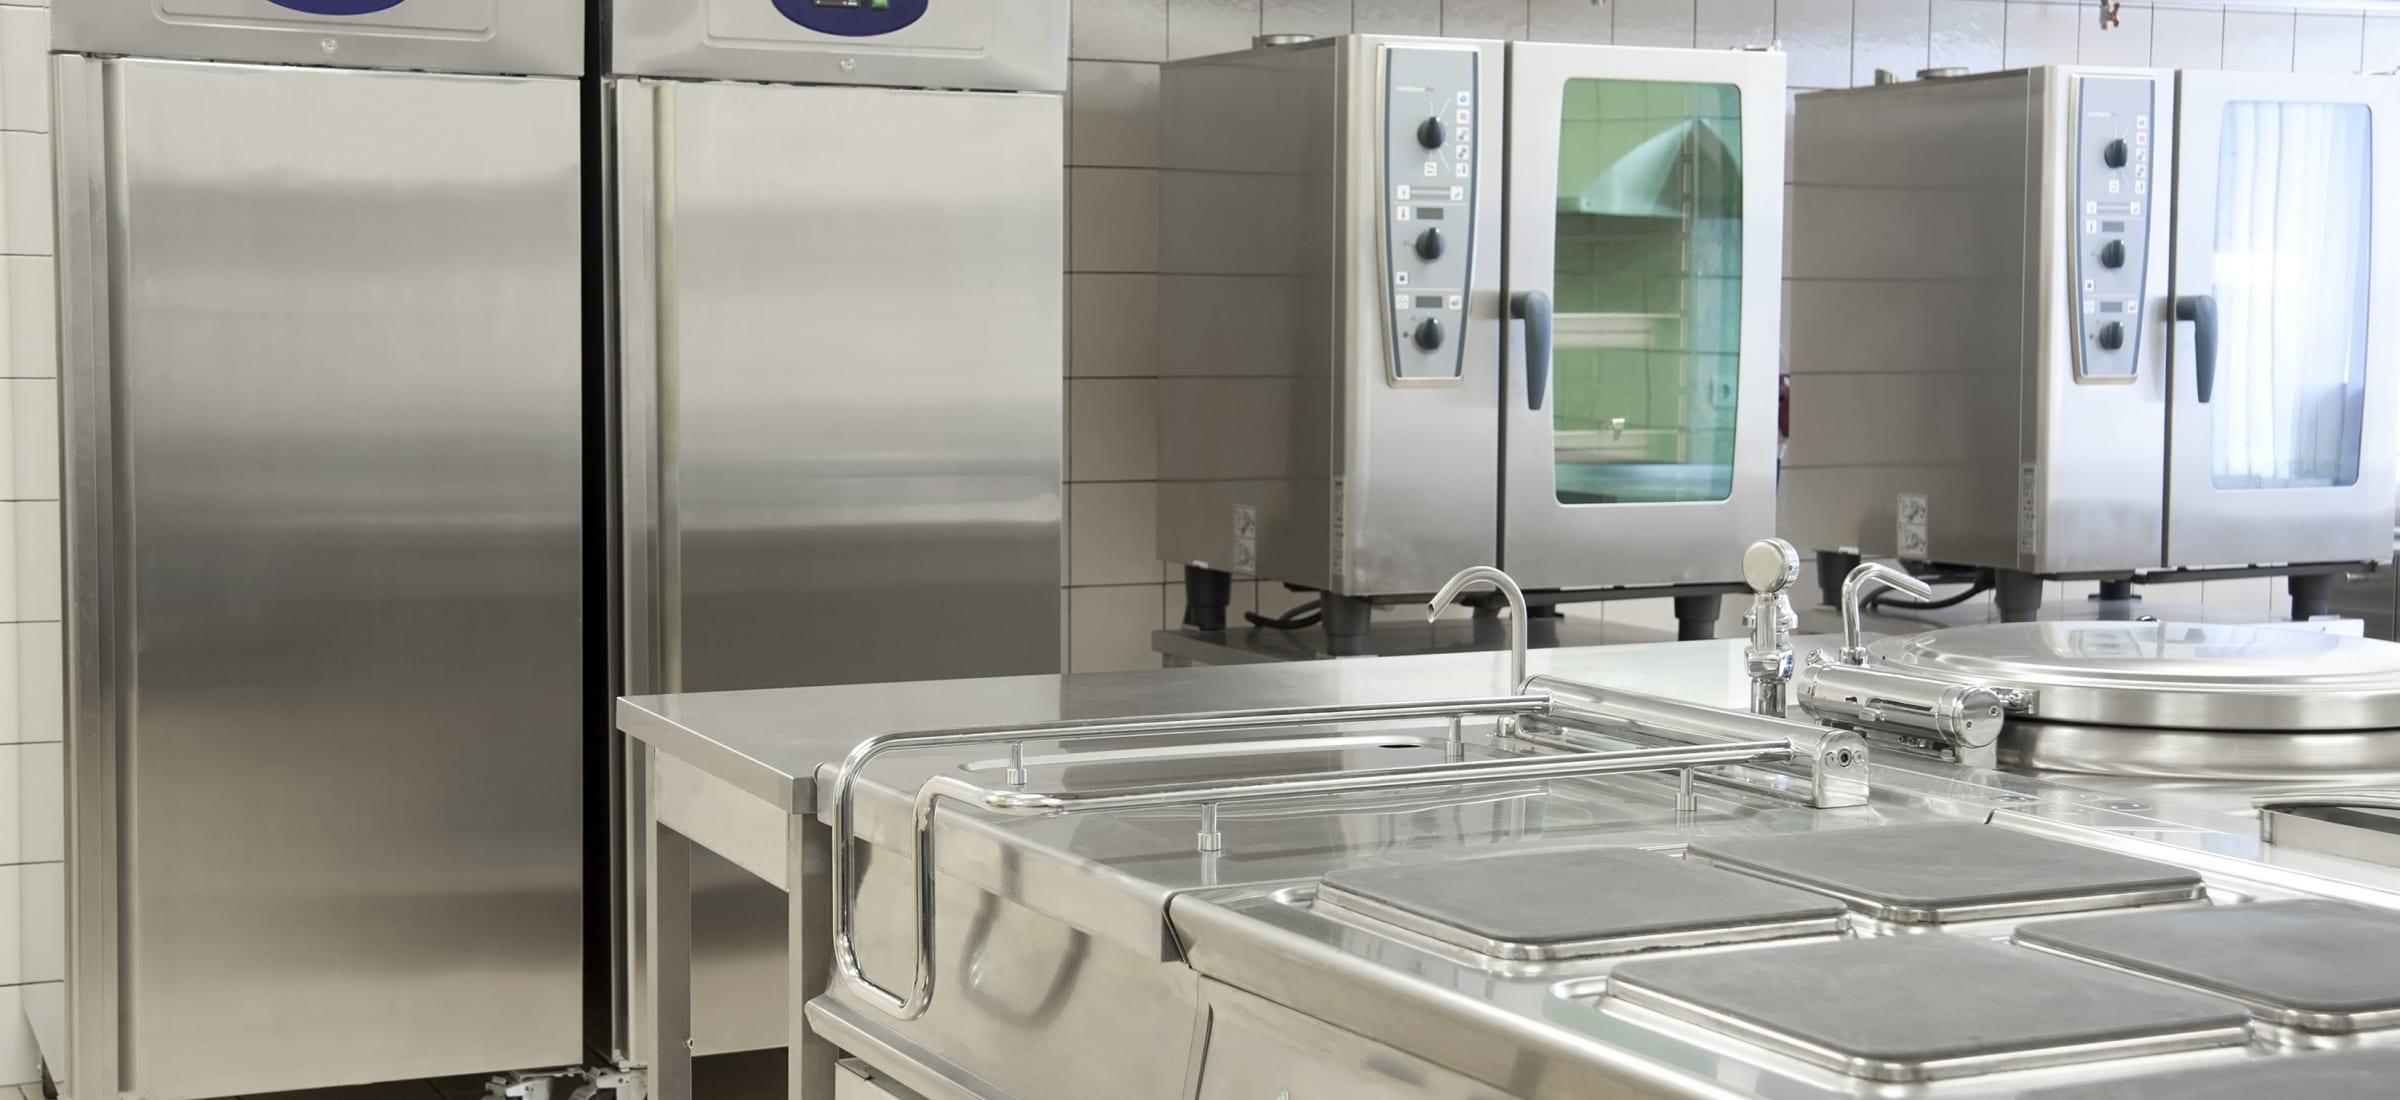 kitchen equipment stainless steel